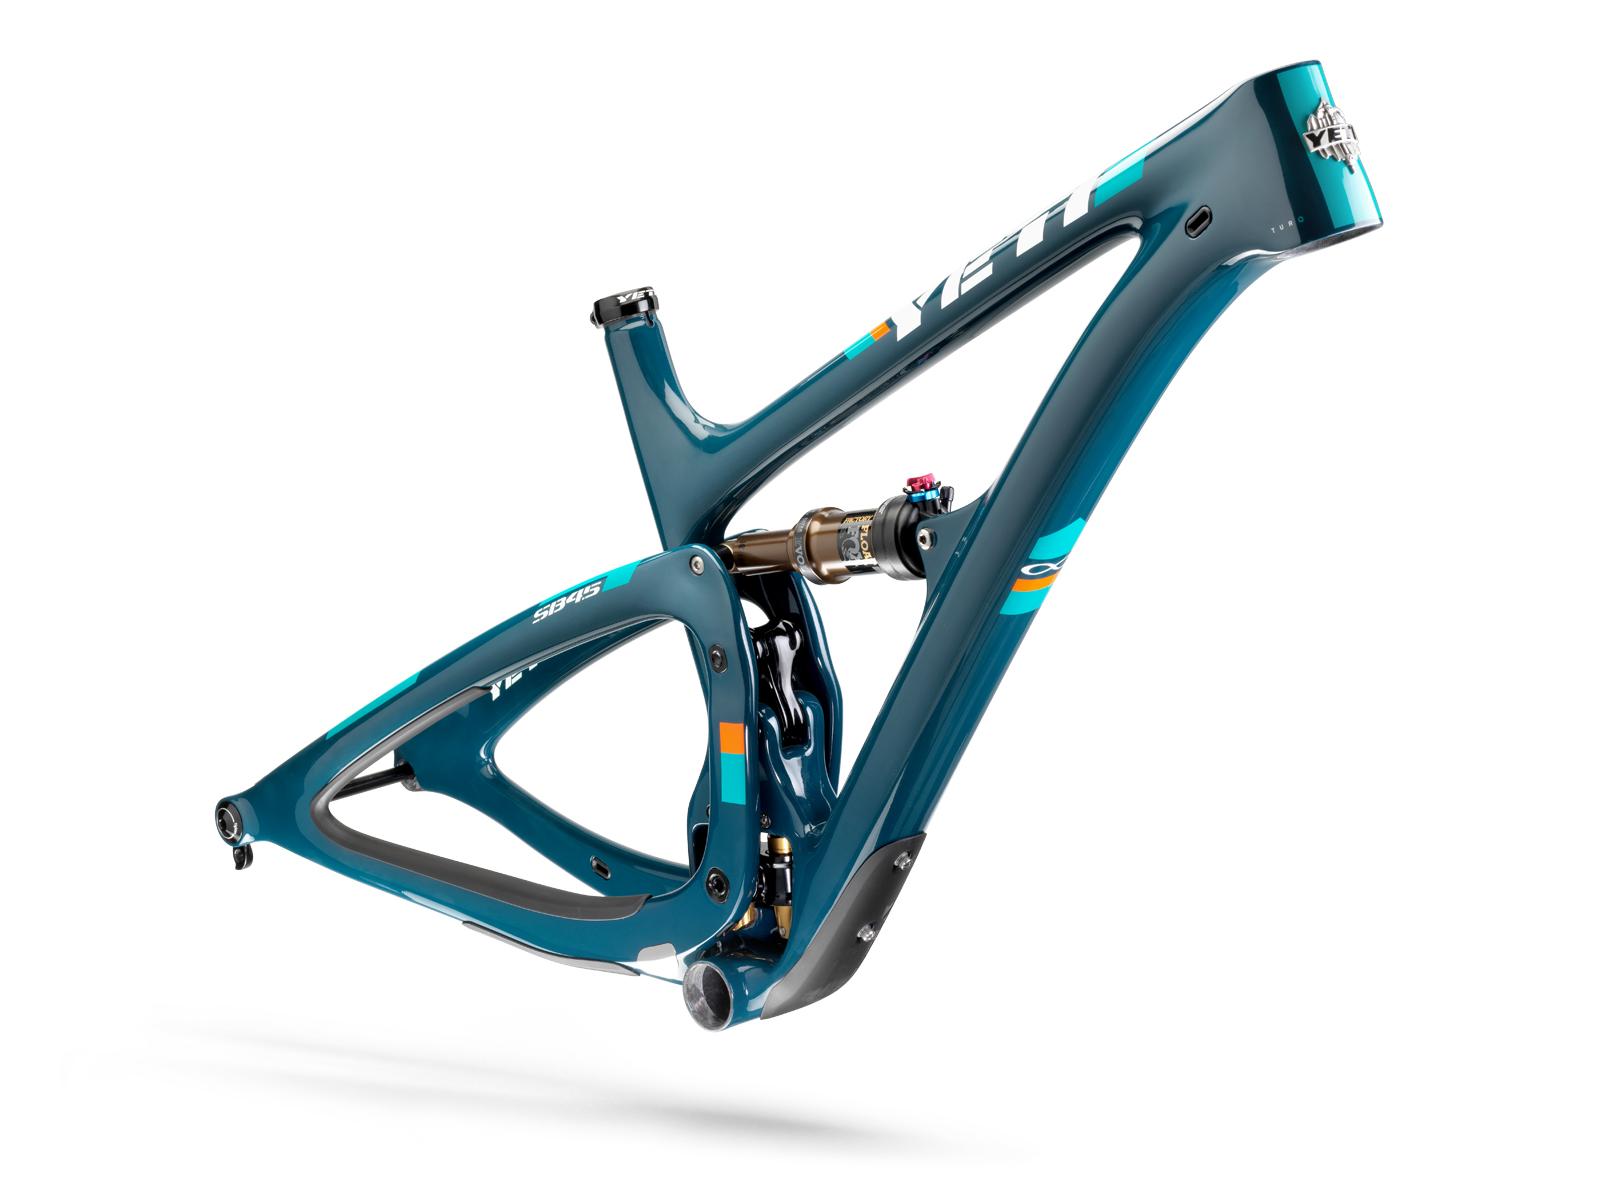 16002018 Yeticycles Frame Sb45 Ts Black 01 16002018 Yeti